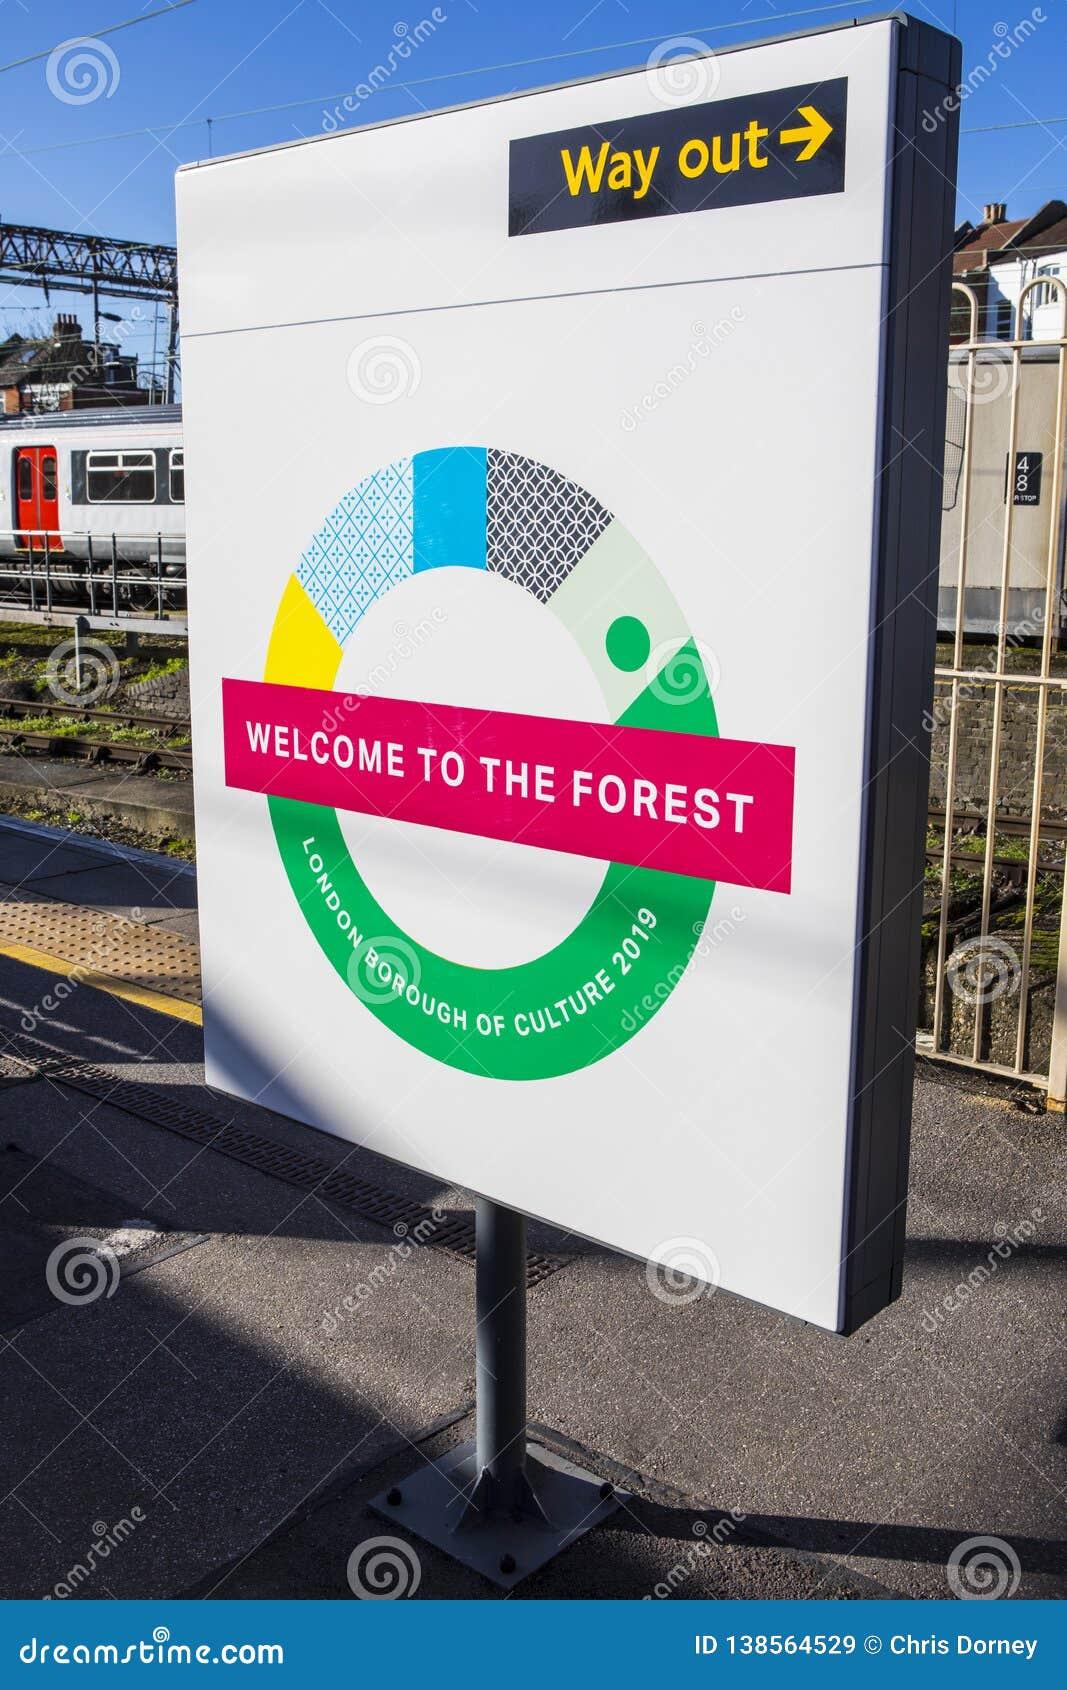 Waltham Forest London Borough der Kultur